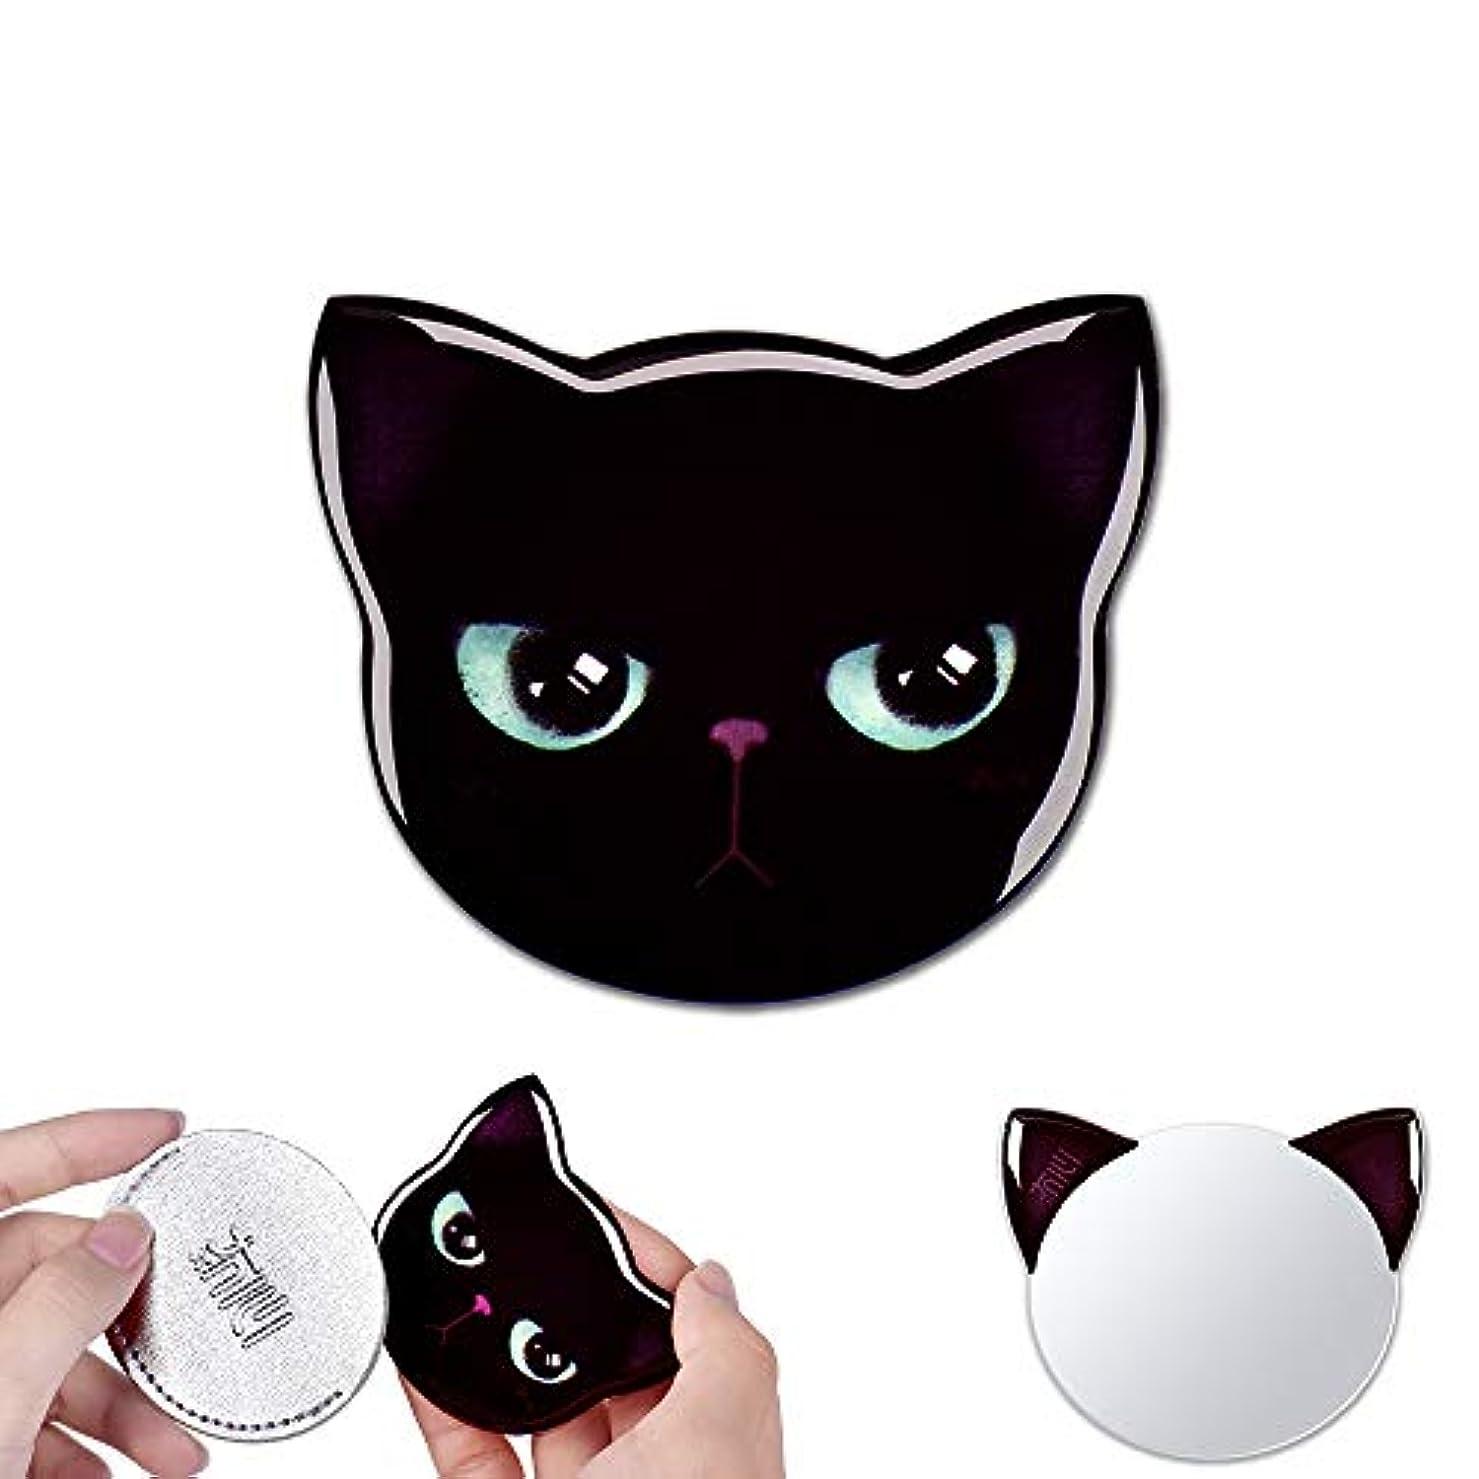 以内に動的タバコ携帯ミラー コンパクトミラー かわいい 猫型 ポケットミラー 軽量 おしゃれ ハンドミラー 可愛い 手鏡 化粧鏡 ミニ 鏡 猫 ミラー 収納袋付き ギフト プレゼント レディース メンズ(5-黒助)